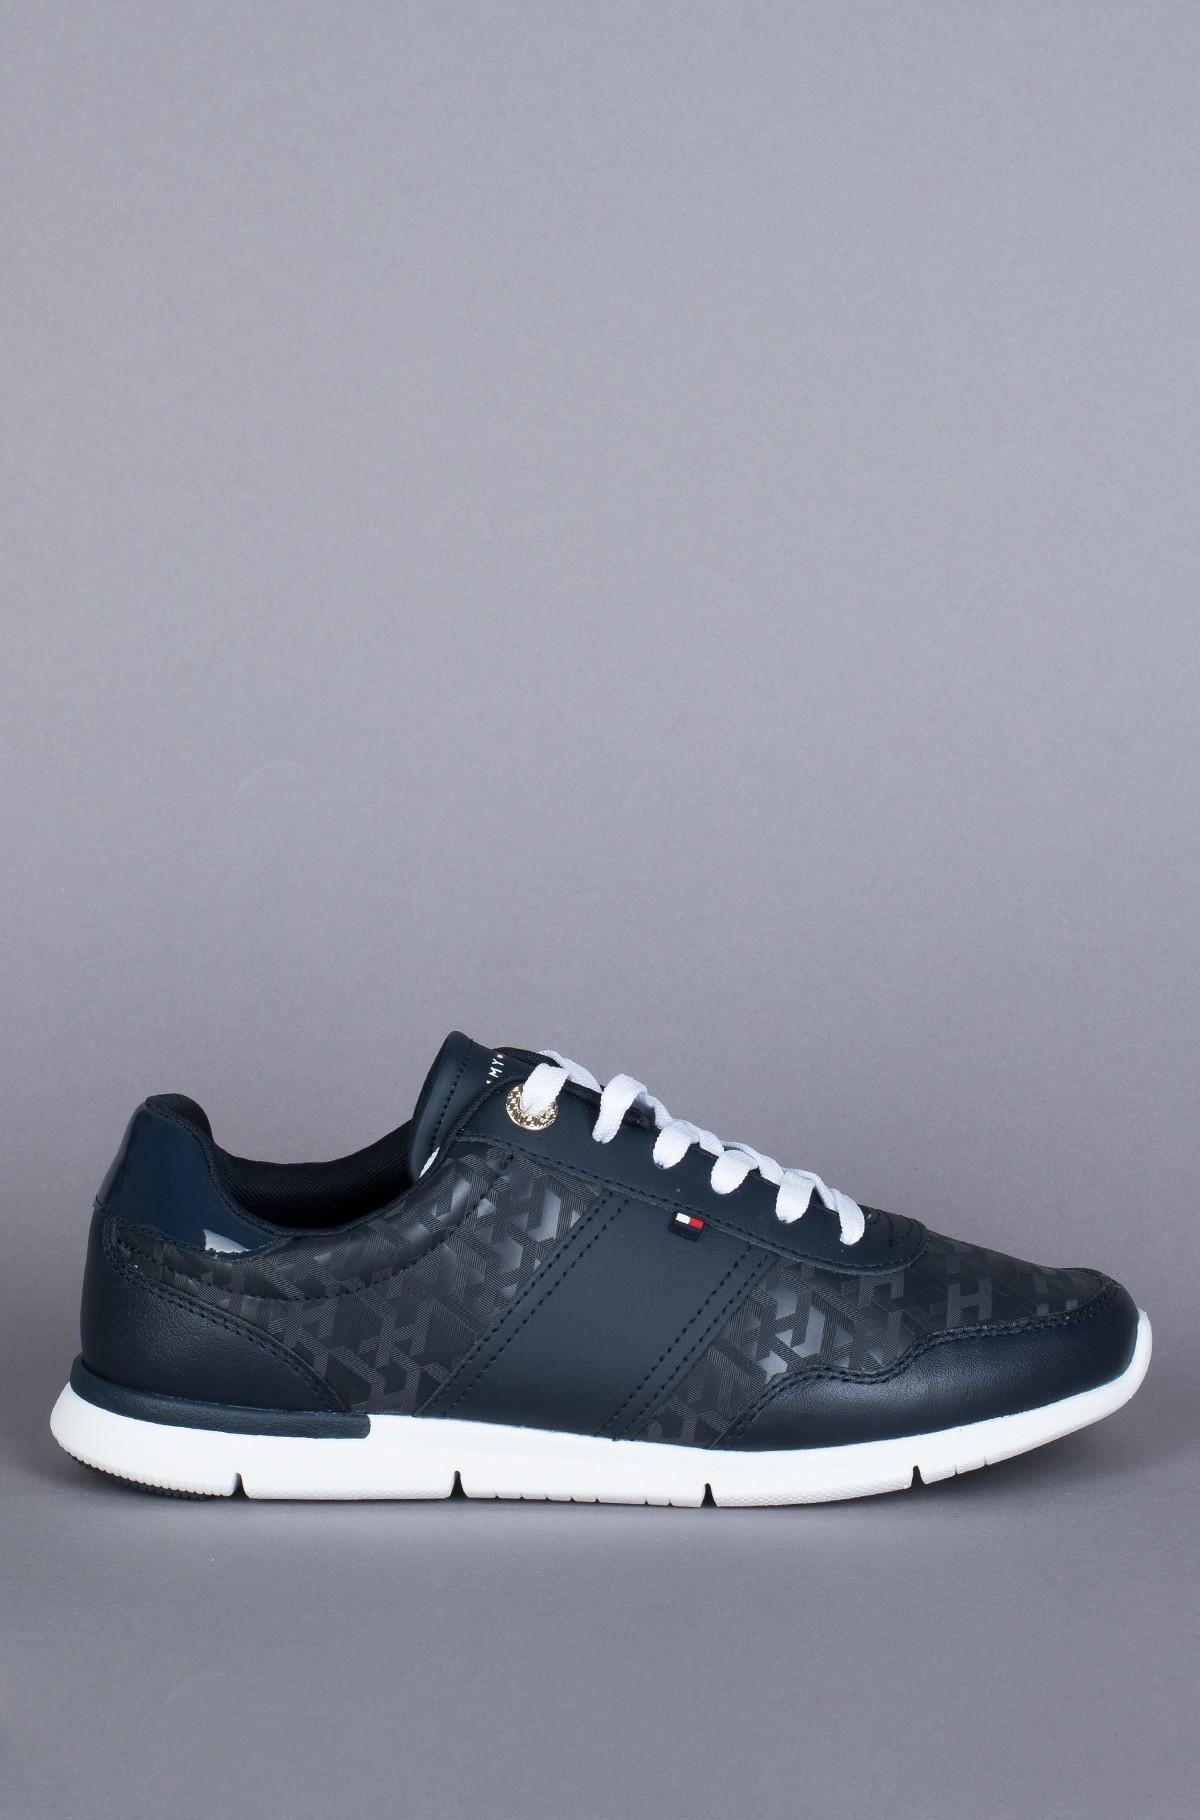 Sneakers TOMMY JACQUARD LIGHT SNEAKER-full-1